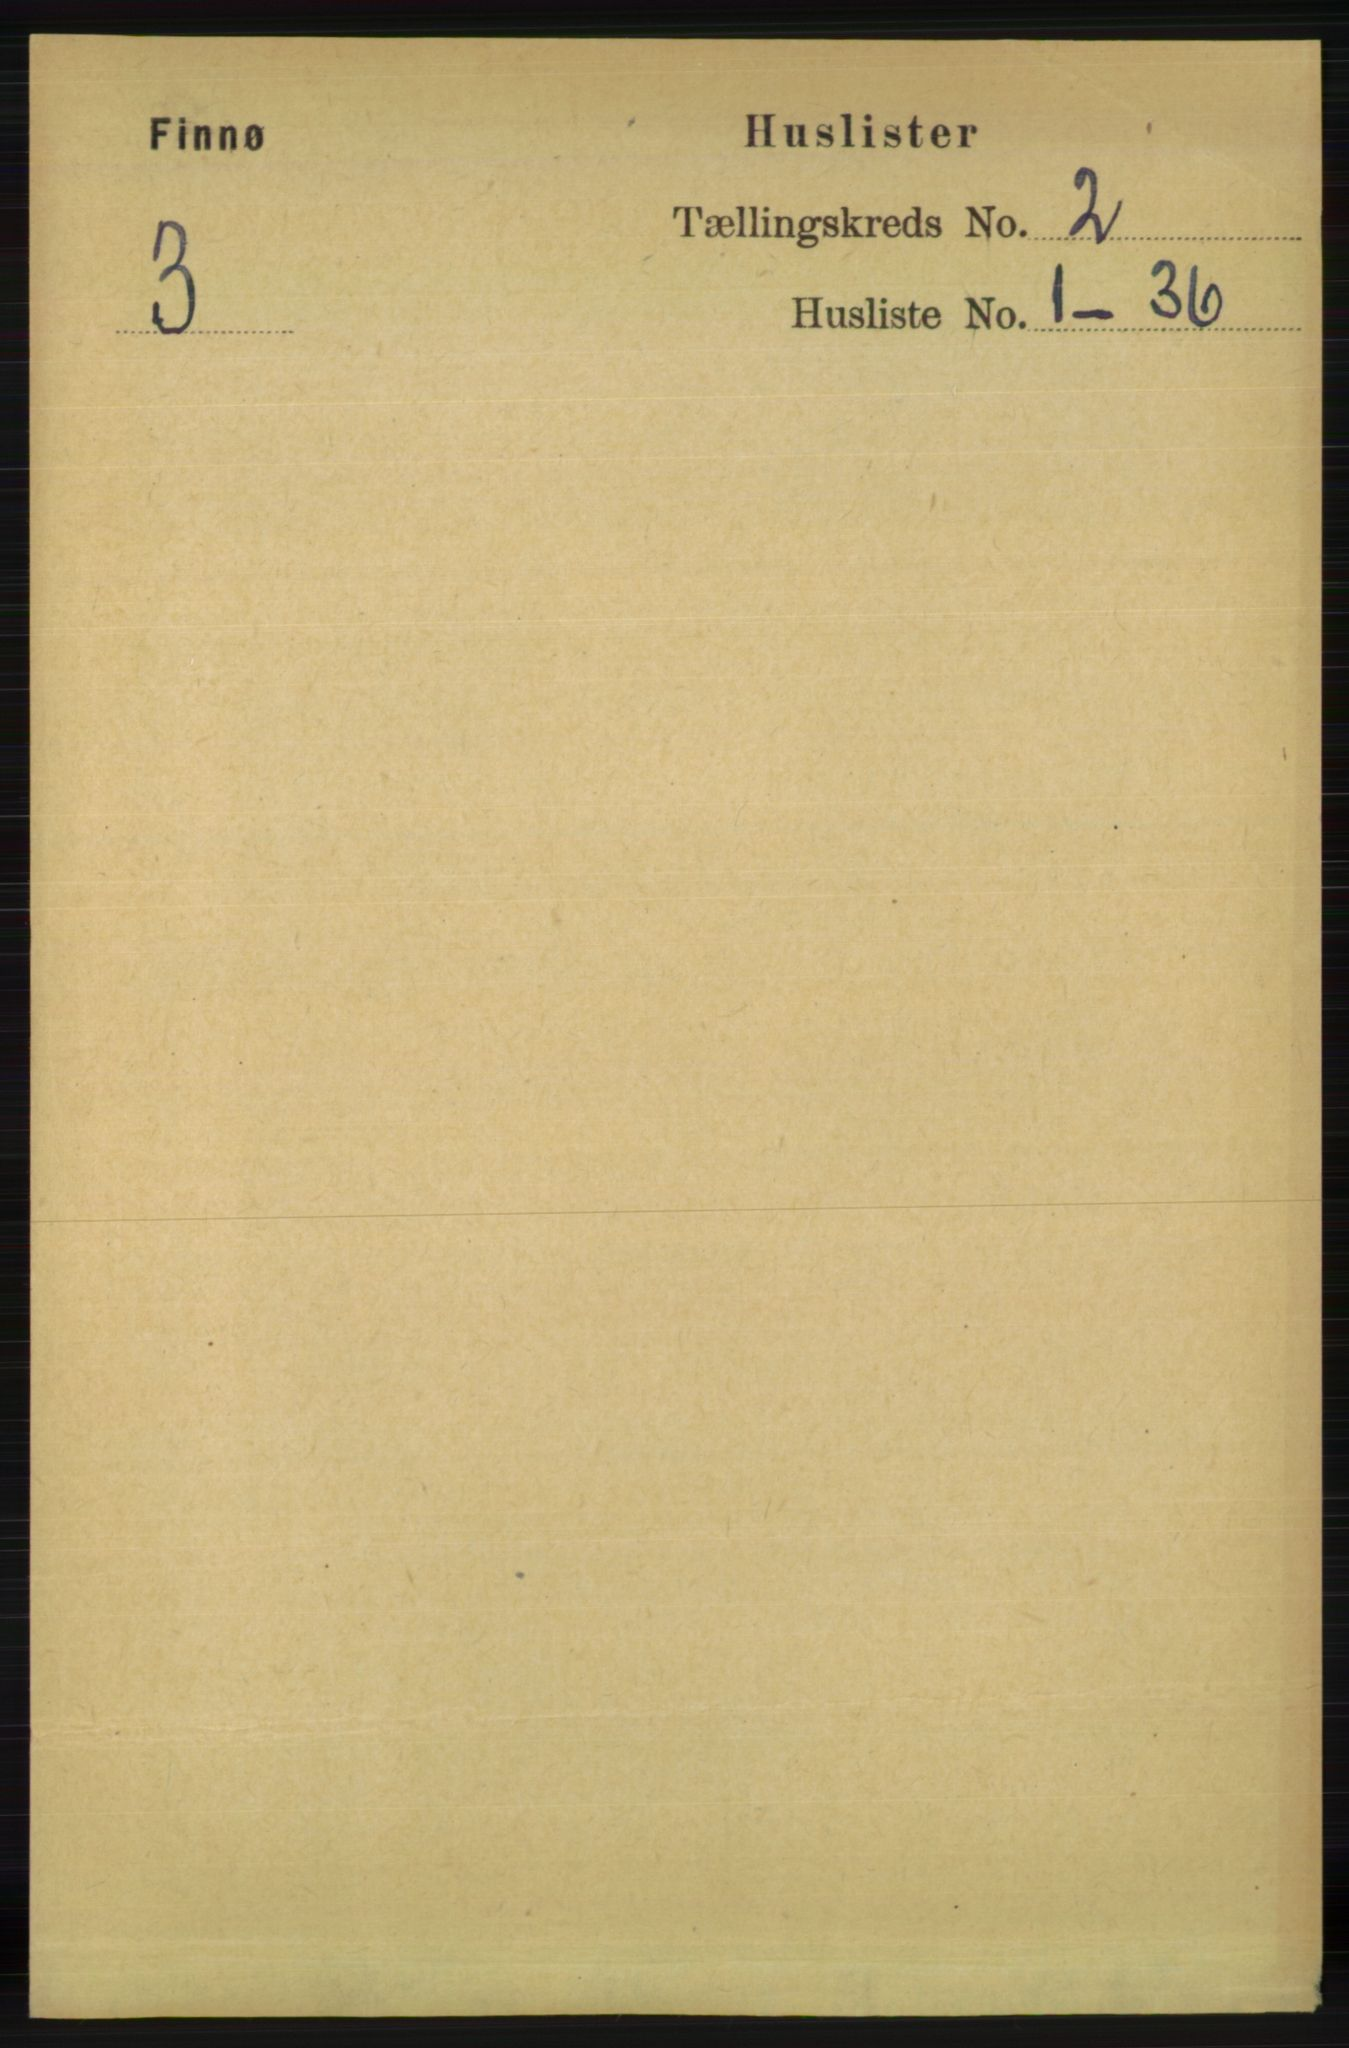 RA, Folketelling 1891 for 1141 Finnøy herred, 1891, s. 186